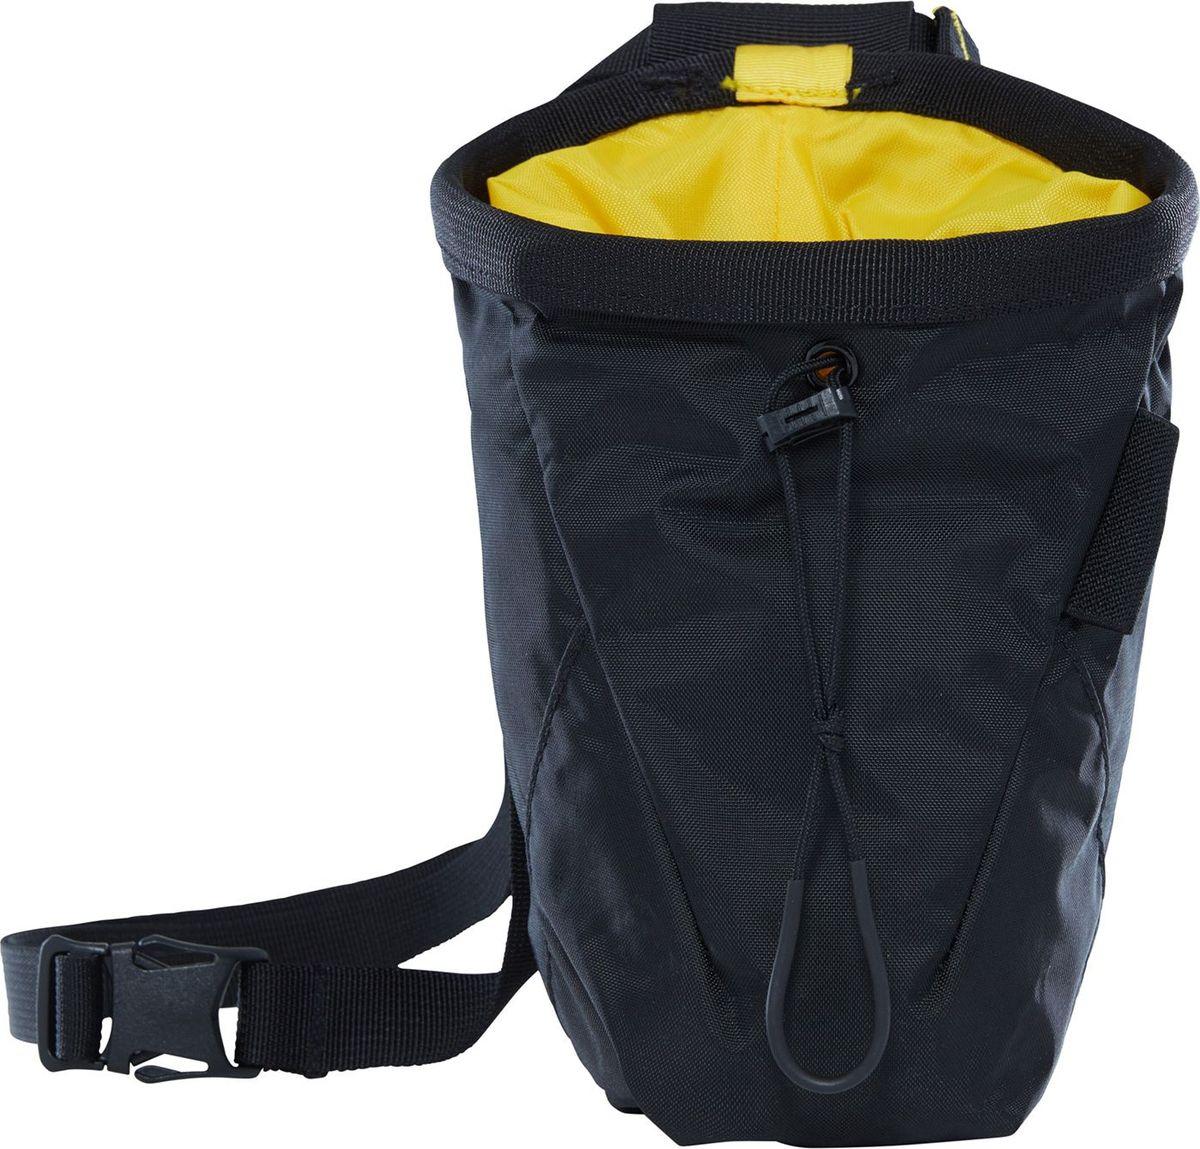 Мешок для магнезии The North Face Chalk Bag Pro, цвет: черный. T93BXYC8UT93BXYC8UПрочный, но легкий мешочек для магнезии с карбоновым покрытием. Небольшой карман намолнии для мелочей.